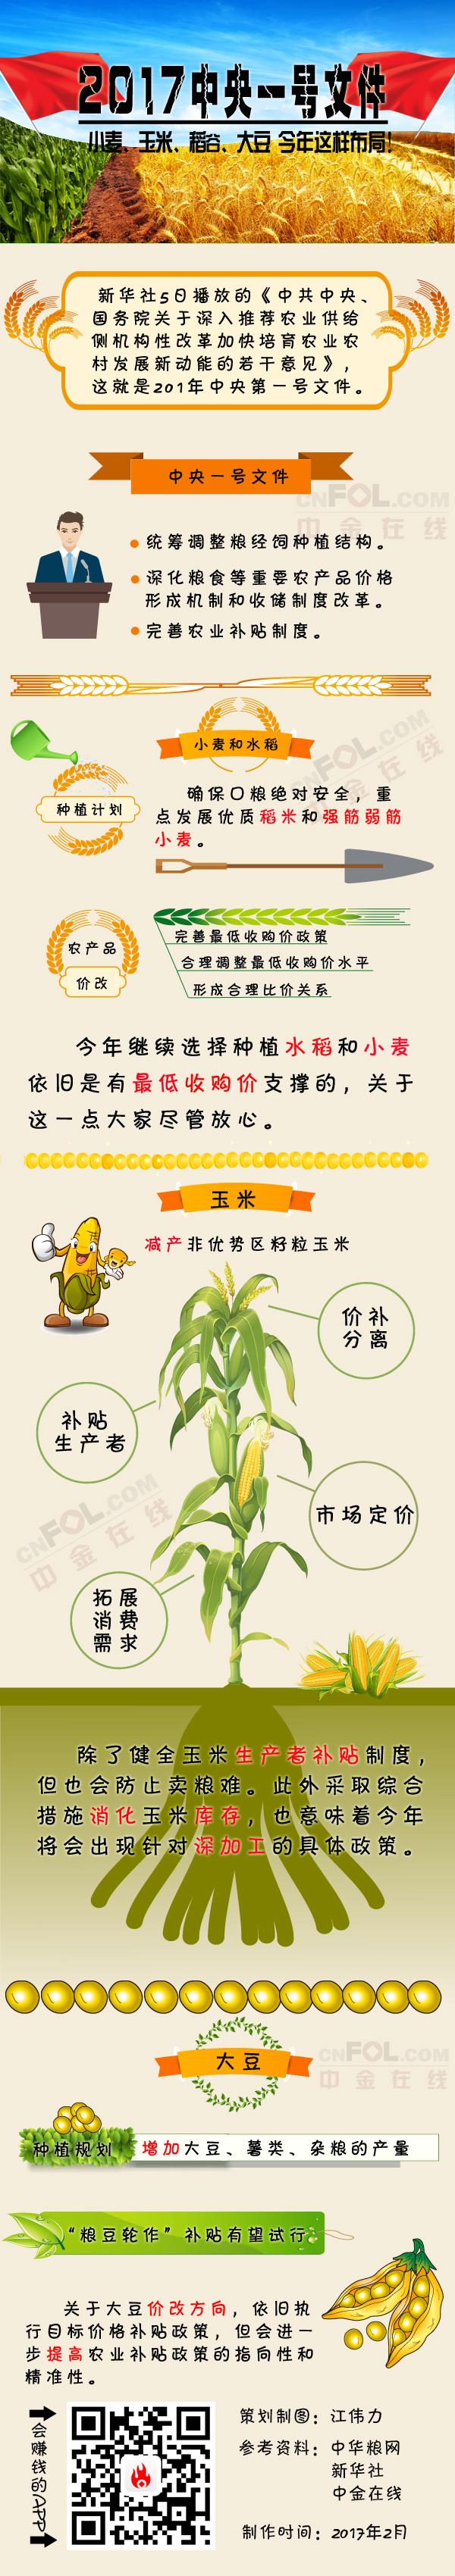 小麦、玉米、稻谷、大豆今年这样布局!